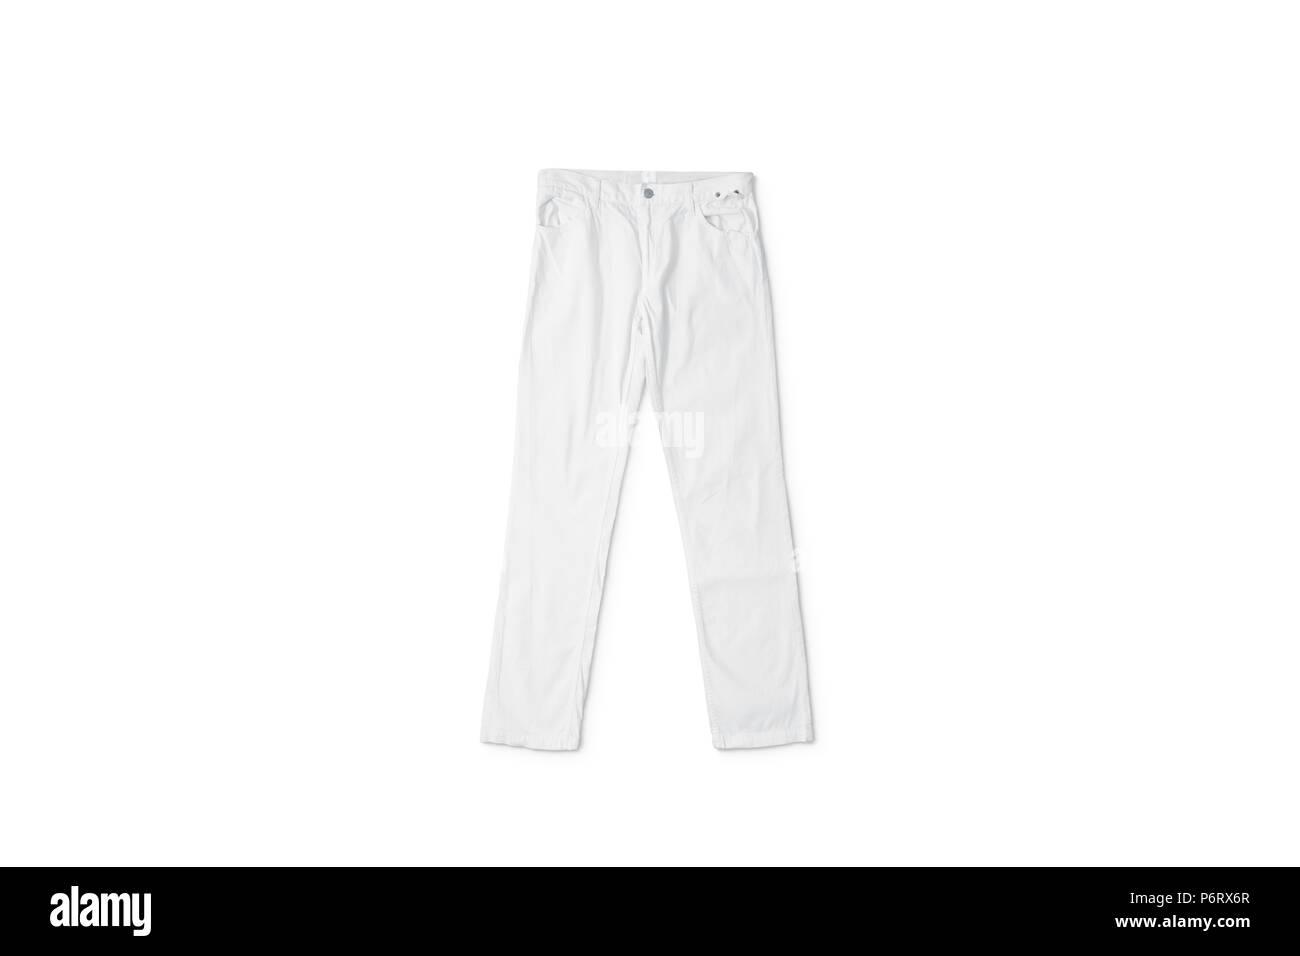 4c2dafabc Pantalón blanco acostado de maquetas, vista frontal, aislado. Claro  pantalones boceto. Pantalon vacía con una plantilla de botón. Tela jeans  design ...